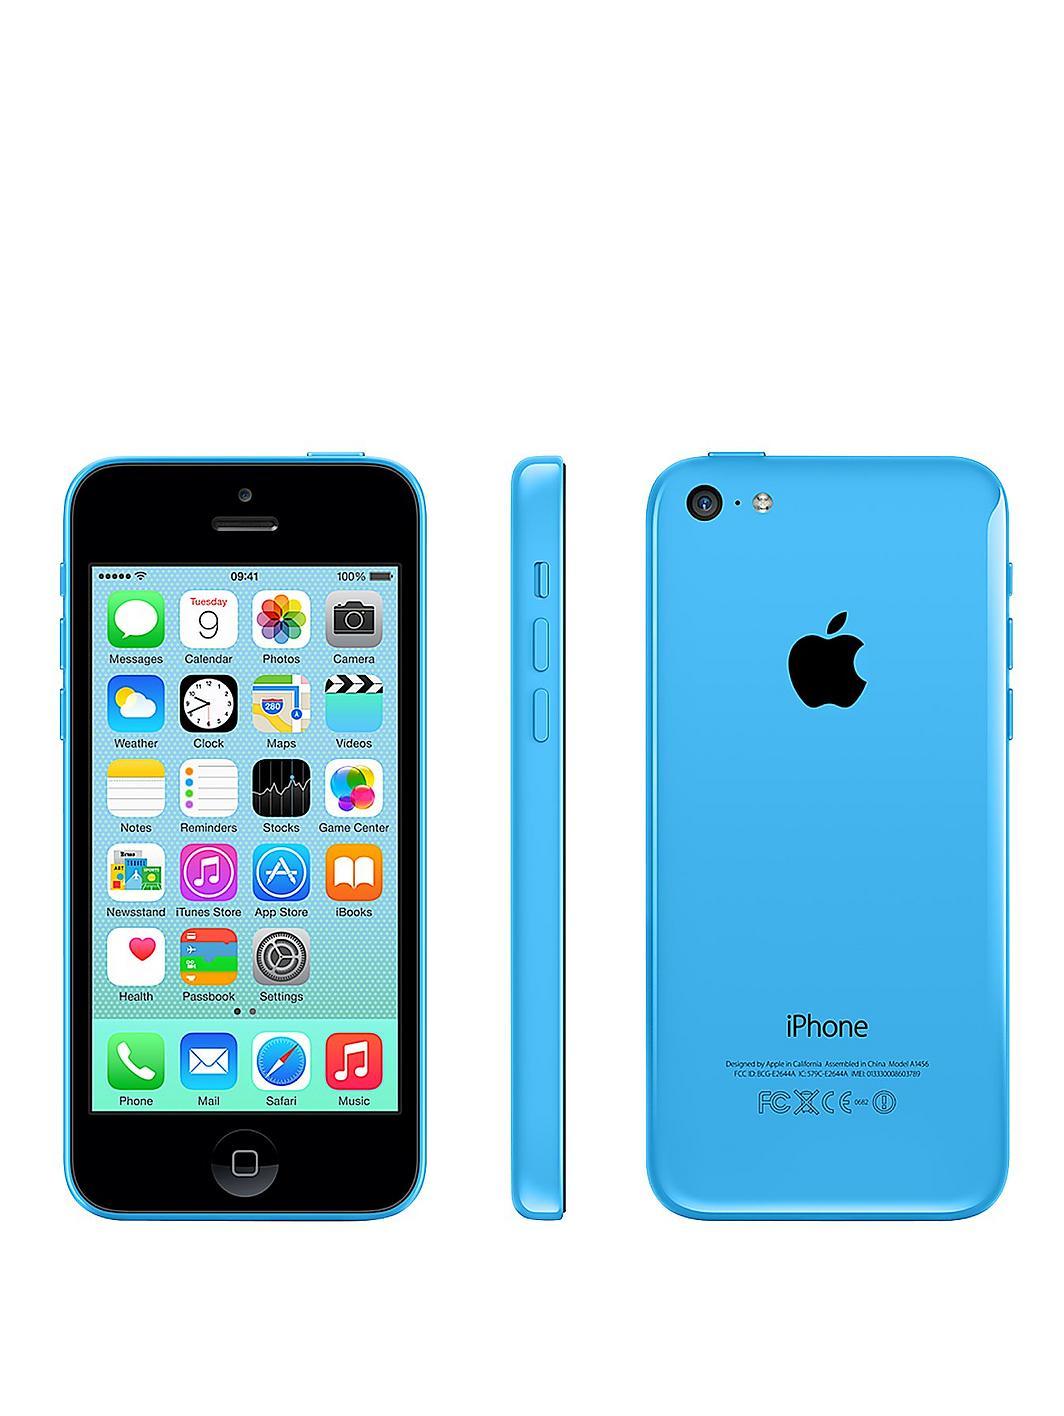 Apple Iphone 5c 8gb Blue Apple-iphone-5c-8gb